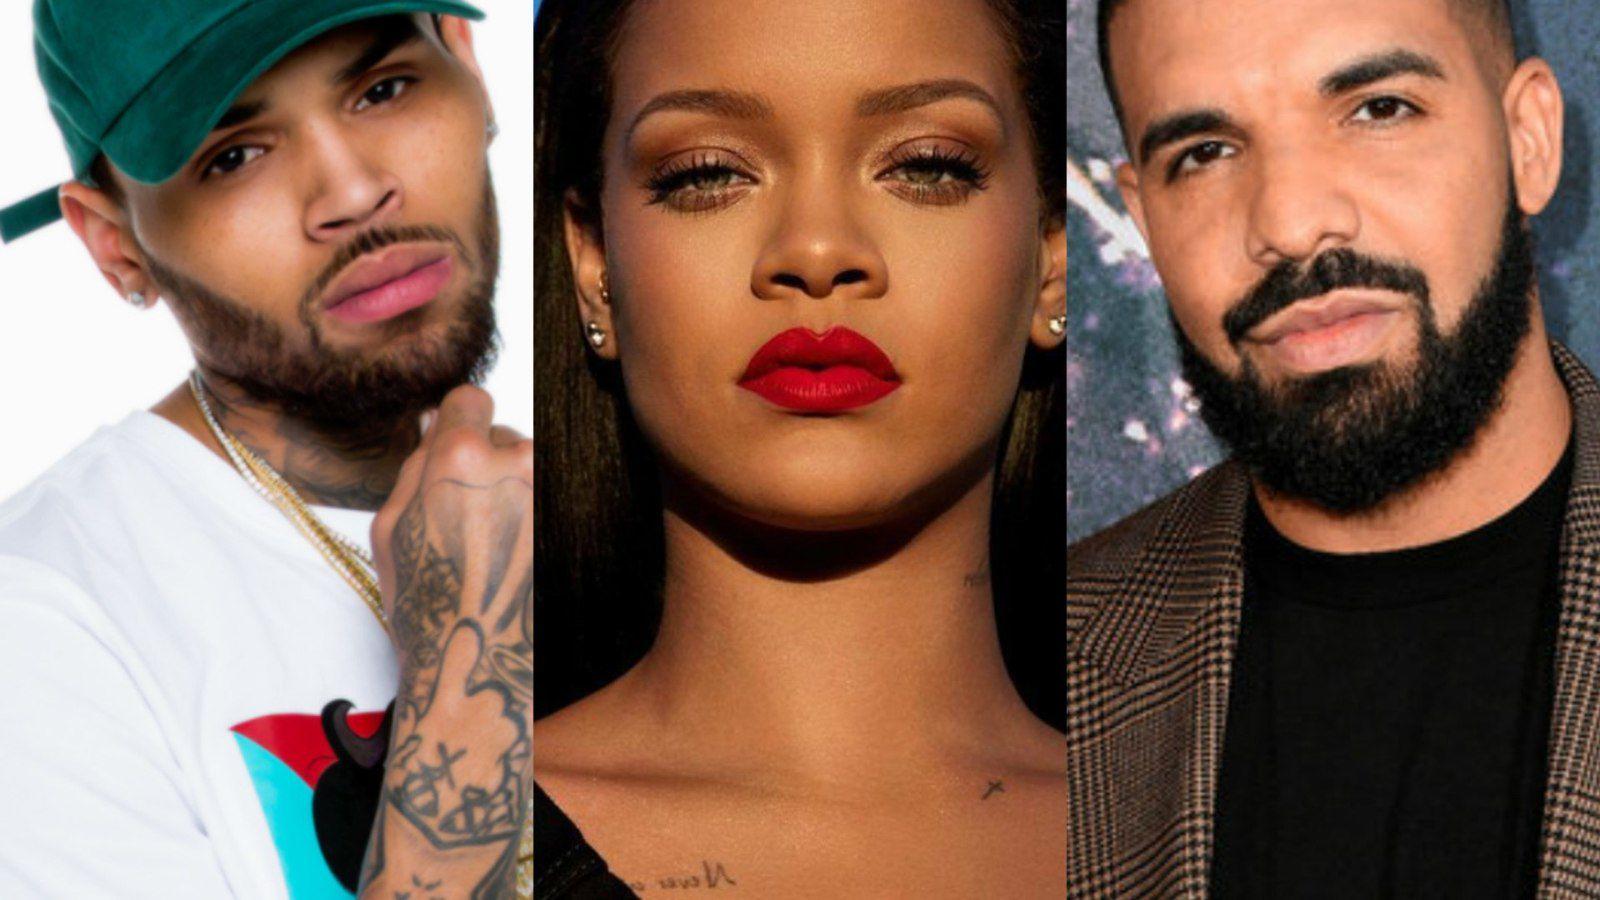 Découvrez la réaction de Rihanna concernant l'amitié entre Chris Brown et Drake !!